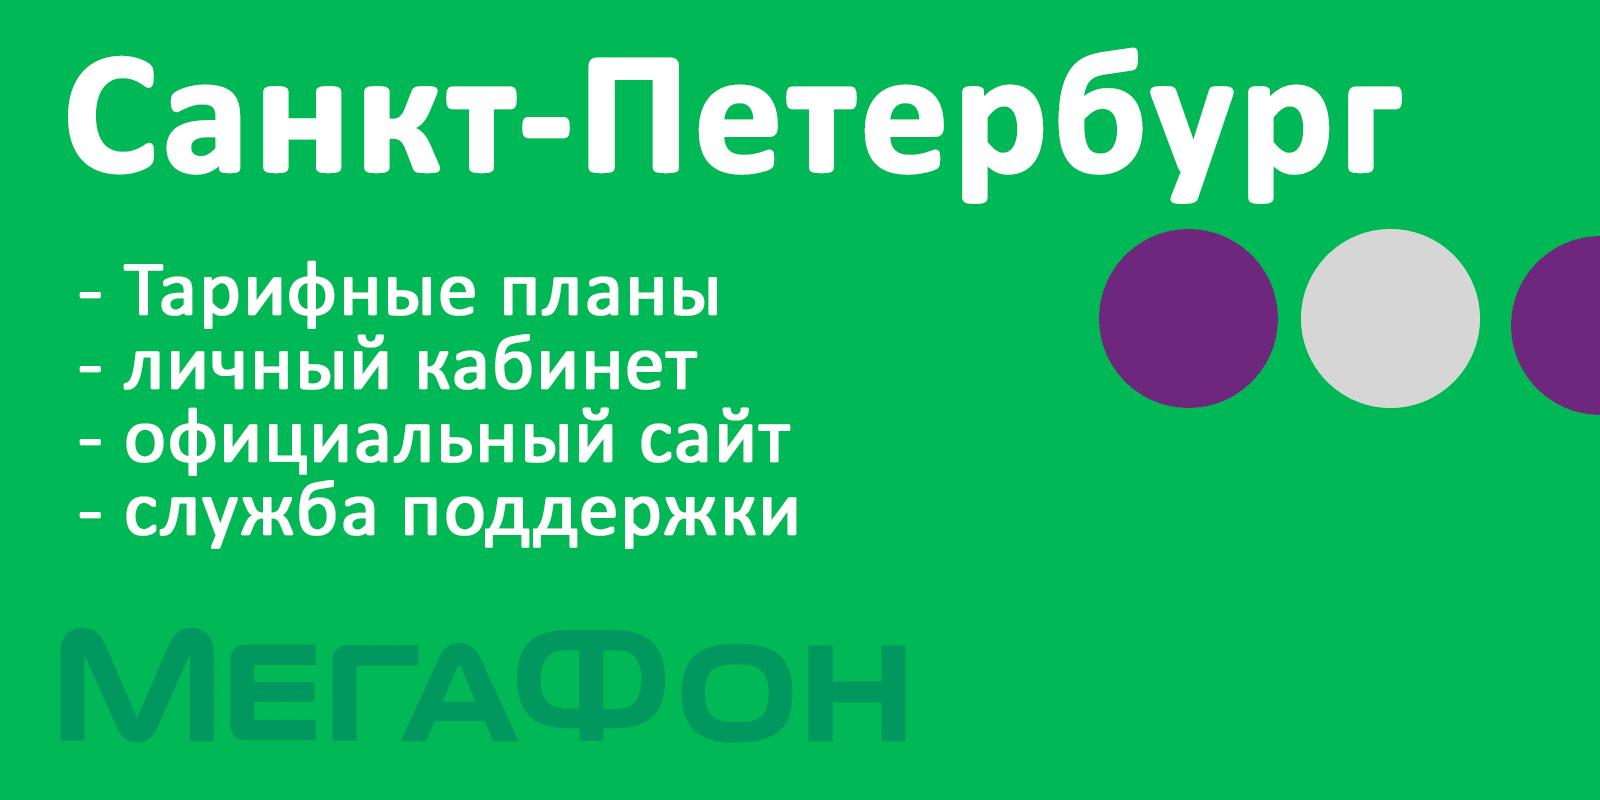 Мегафон Санкт-Петербурга - личный кабинет, тарифы, официальный сайт